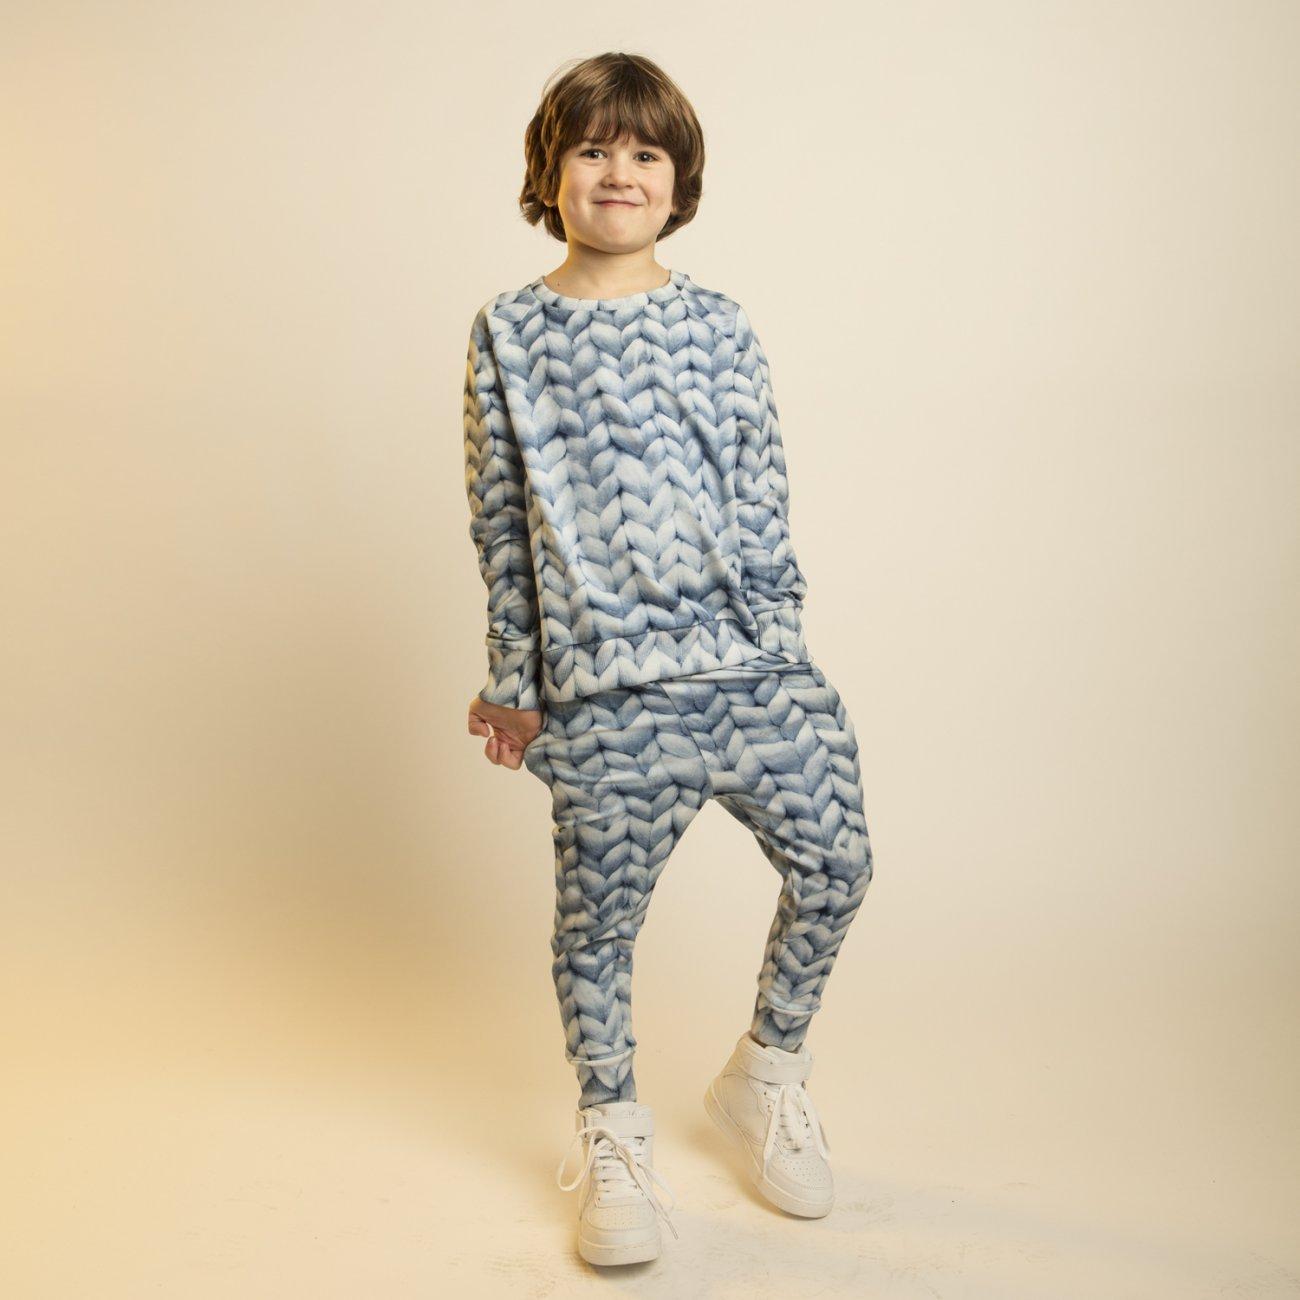 Snurk Homewear Twirre blauw broek kinderen